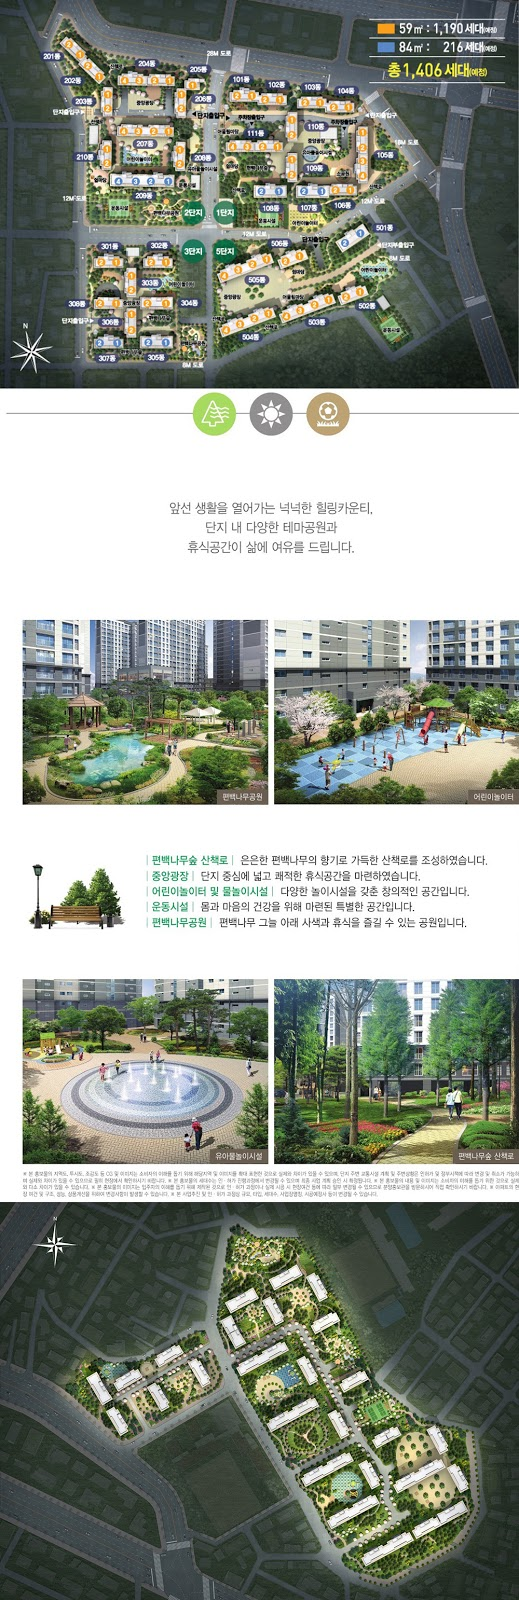 서울대입구역 파크로얄 파크뷰 단지안내